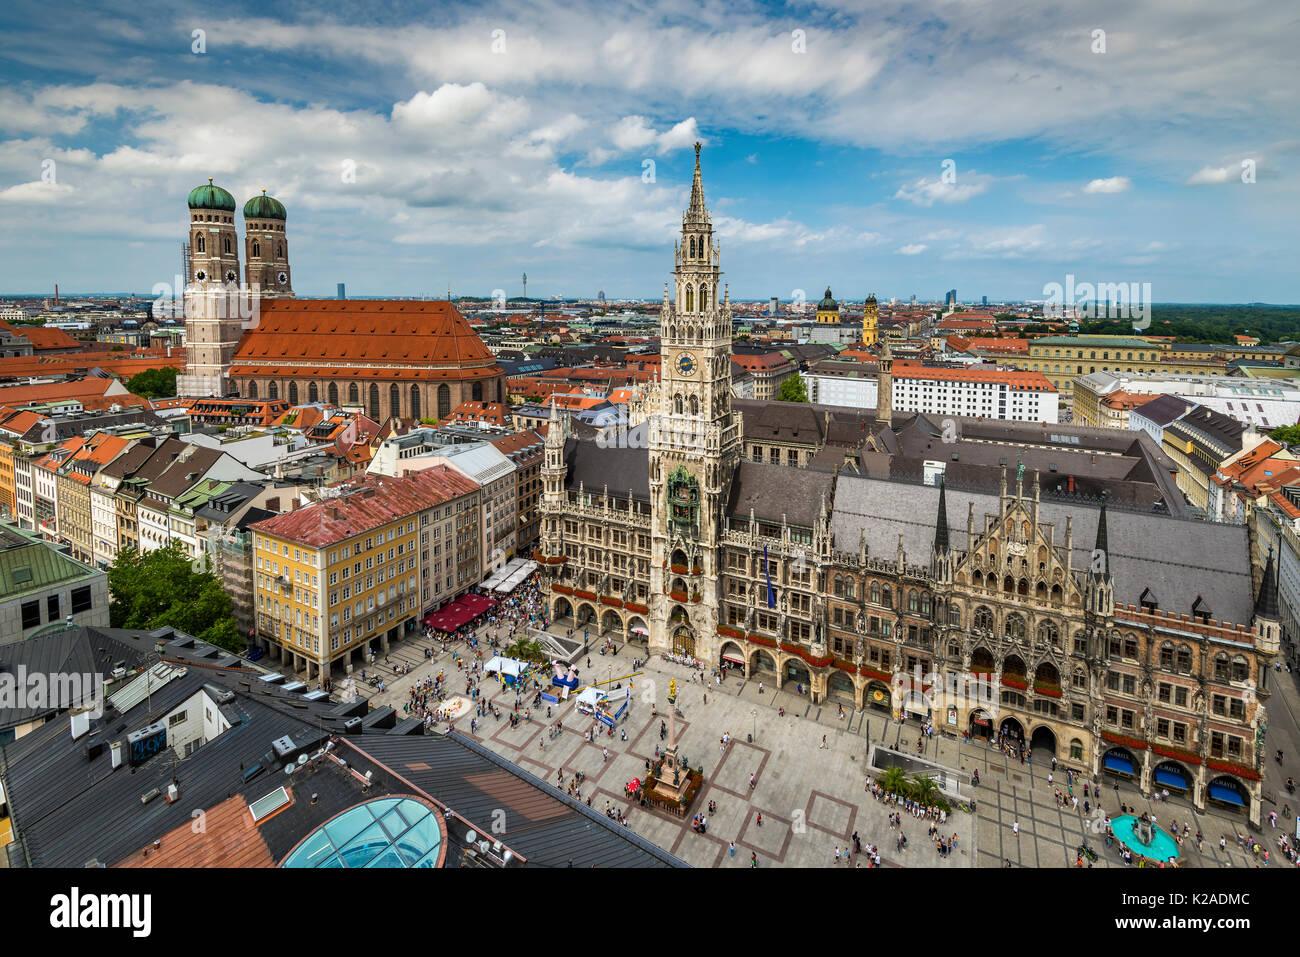 La silueta de la ciudad, La Catedral Frauenkirche y el nuevo ayuntamiento o Neues Rathaus, Munich, Baviera, Alemania Imagen De Stock